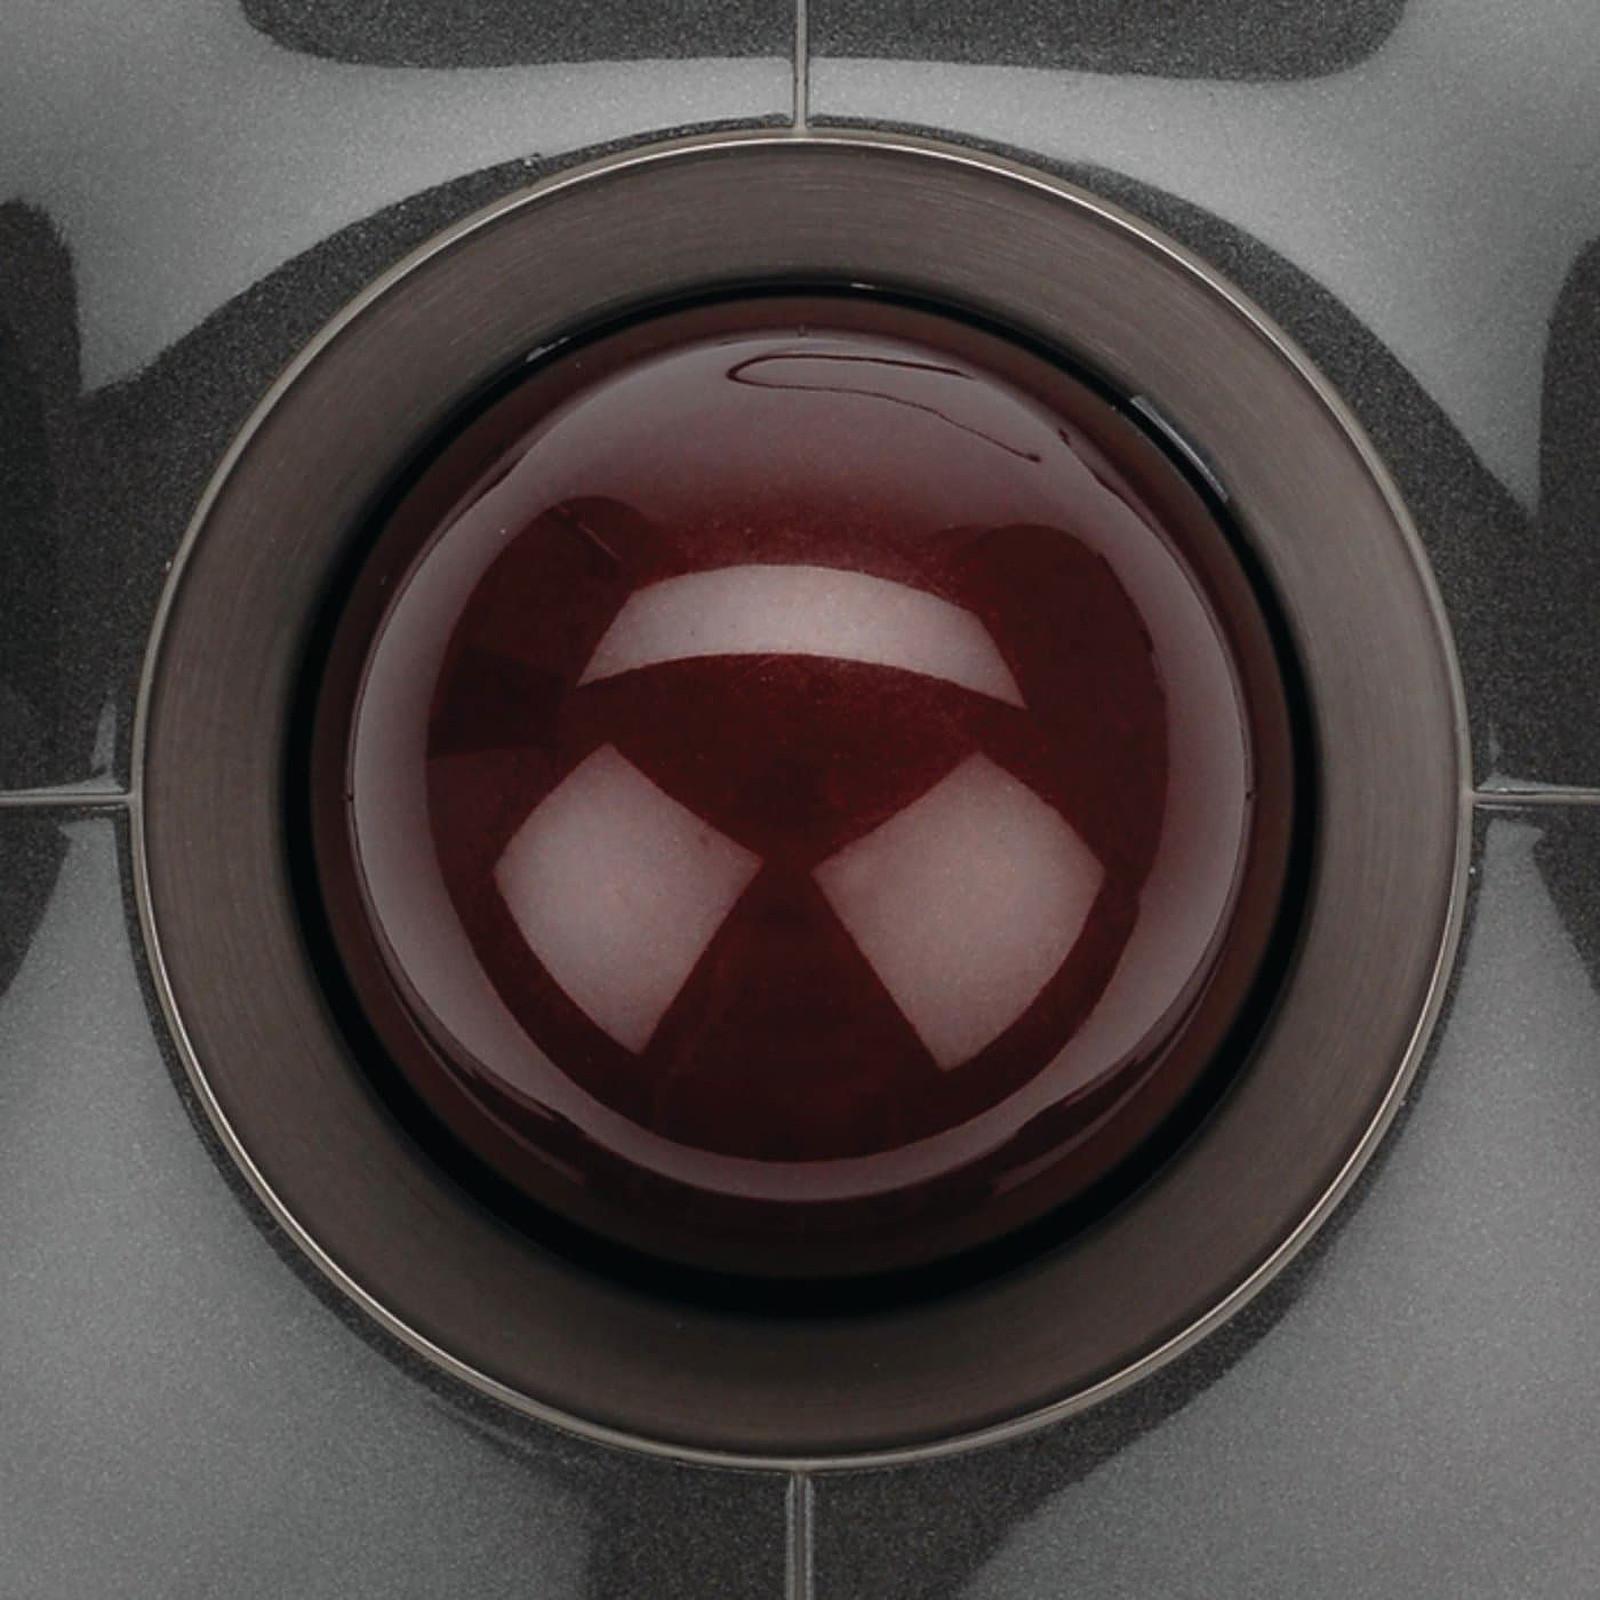 filaire Kensington SlimBlade Trackball Laser//optique USB droitiers et gauchers Rouge Rubis Argent m/étallique 4 boutons Boule de commande